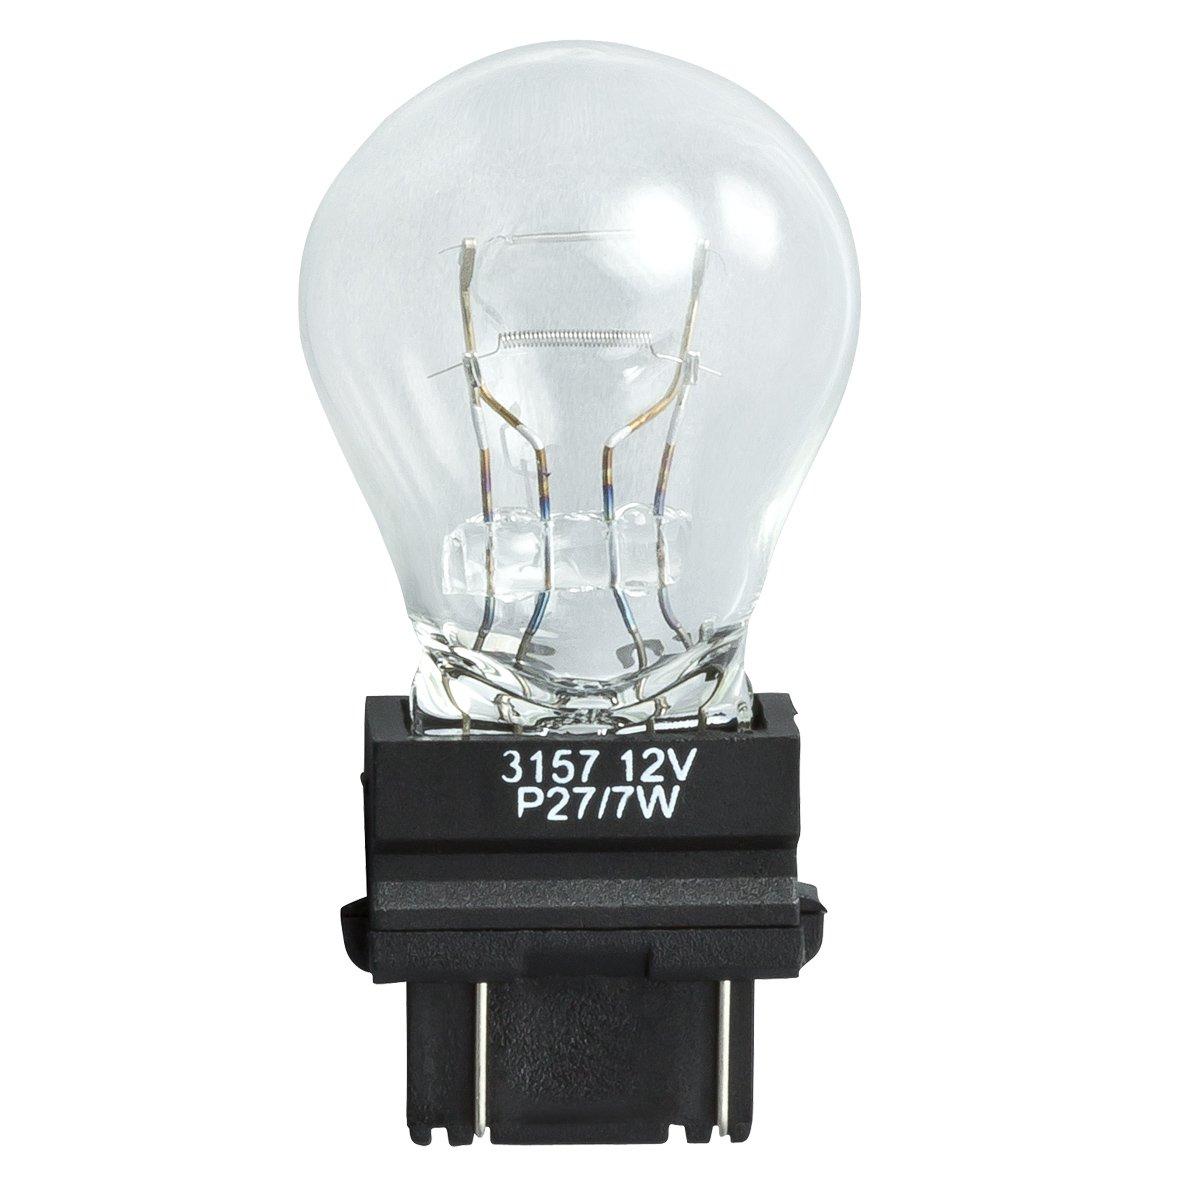 2x P27//7W XENOHYPE Premium W2,5x16q 12 Volt 27//7 Watt US Typ 3157